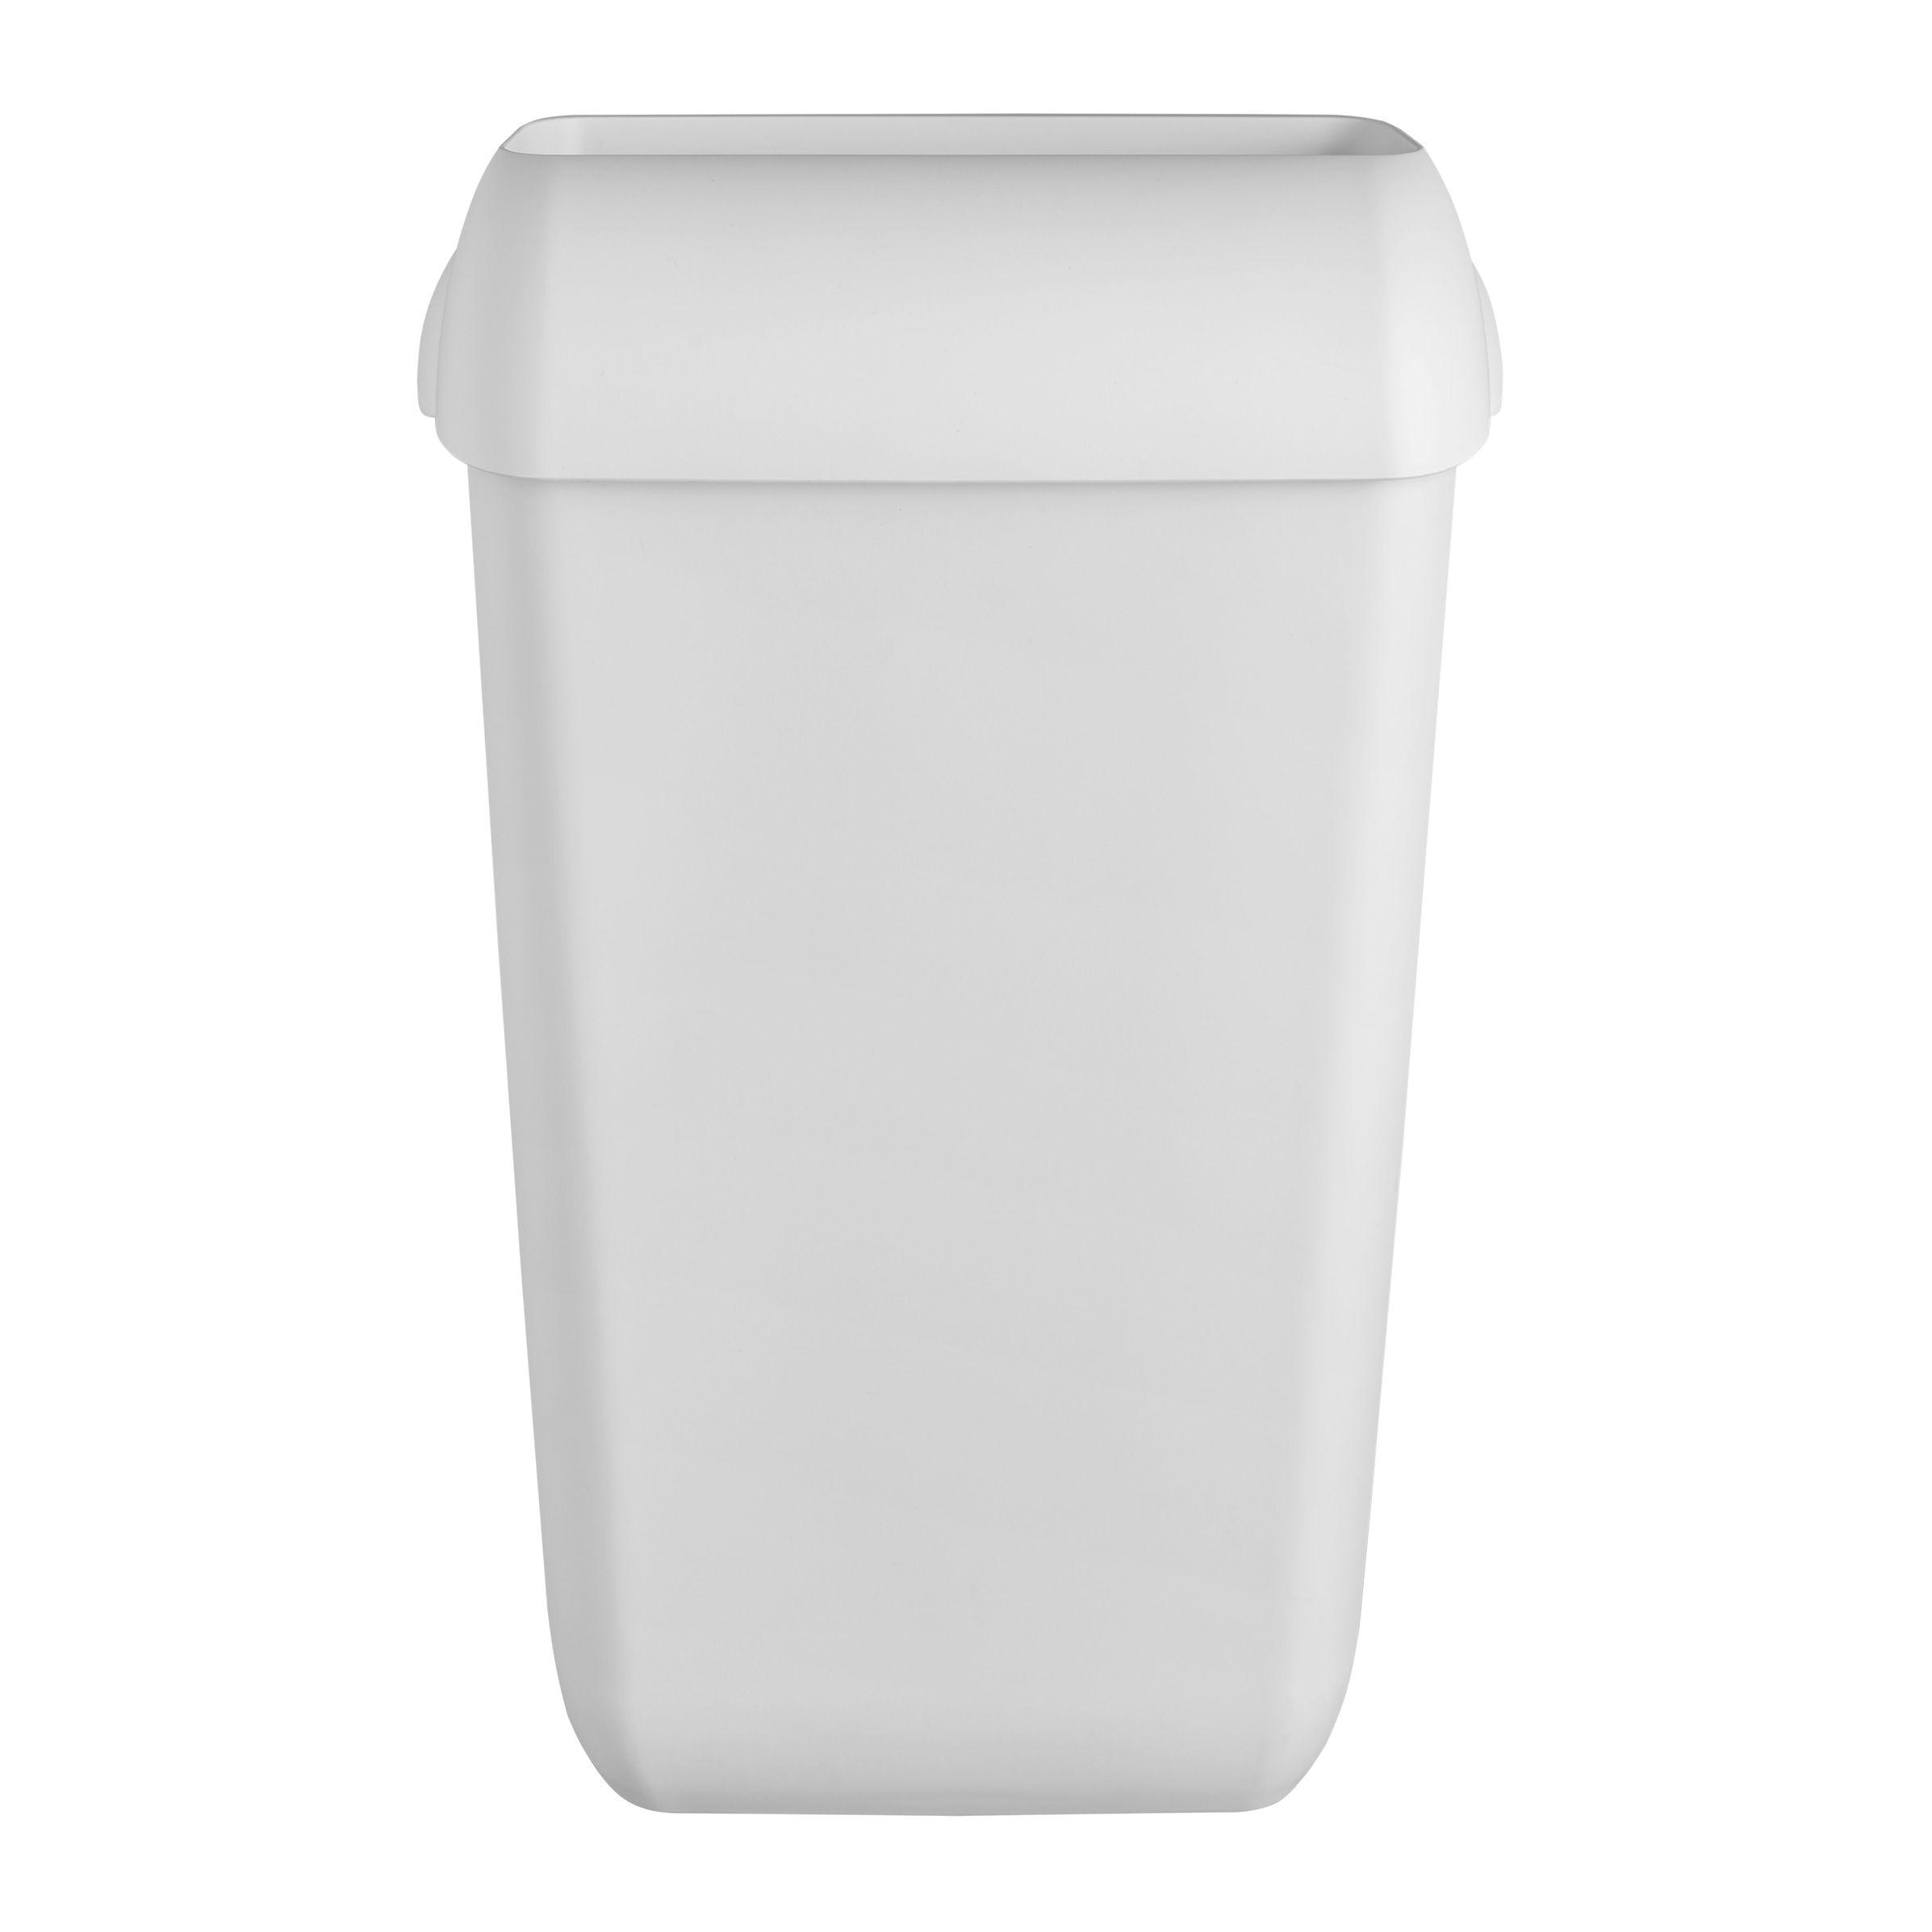 Afvalbak 441402 kunststof mat wit 23liter (441402)